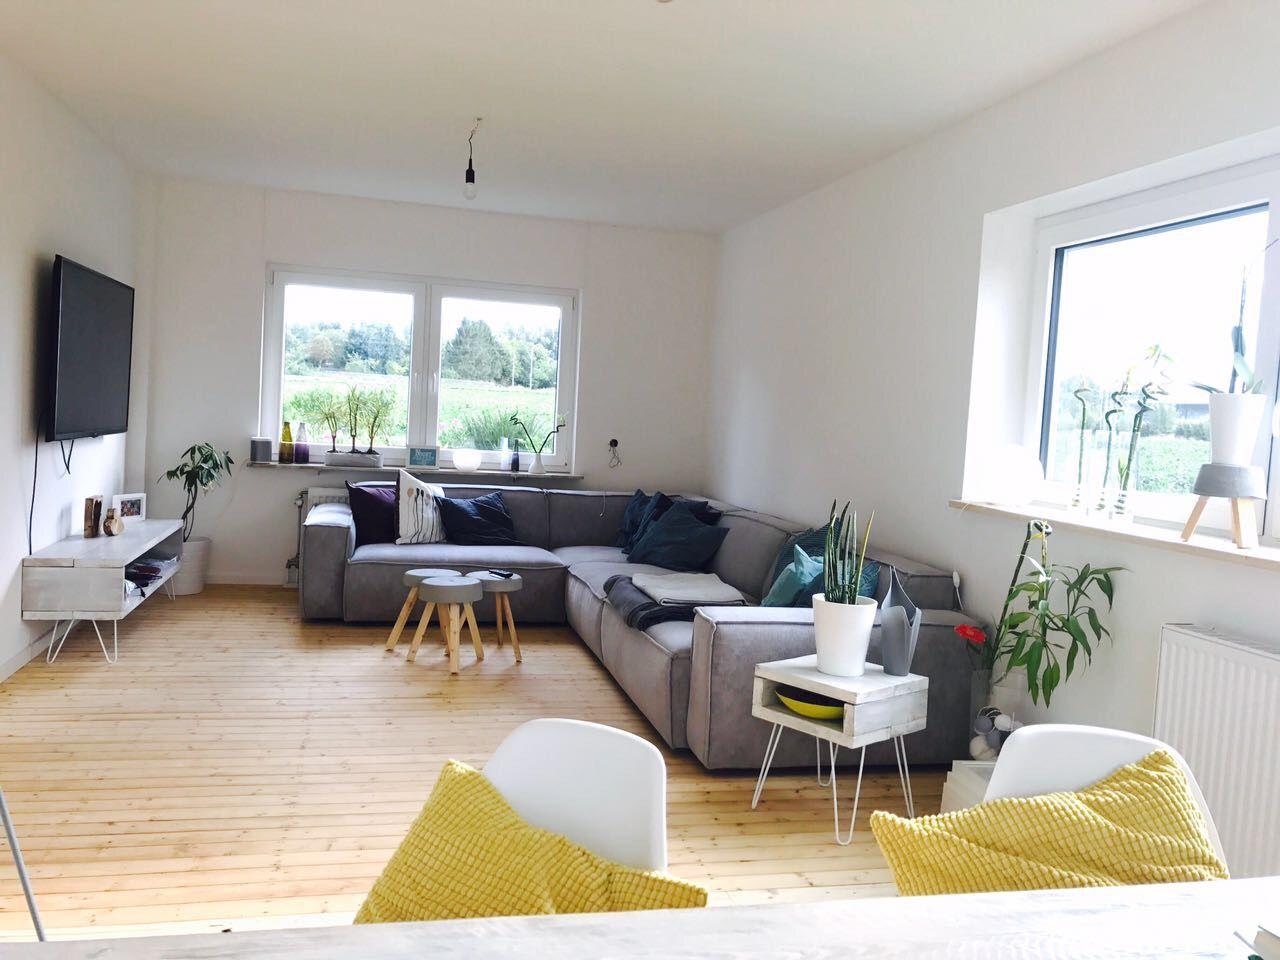 Wohnzimmer neu diy Fensterbank diy Hocker   Sweet Home   Pinterest ...